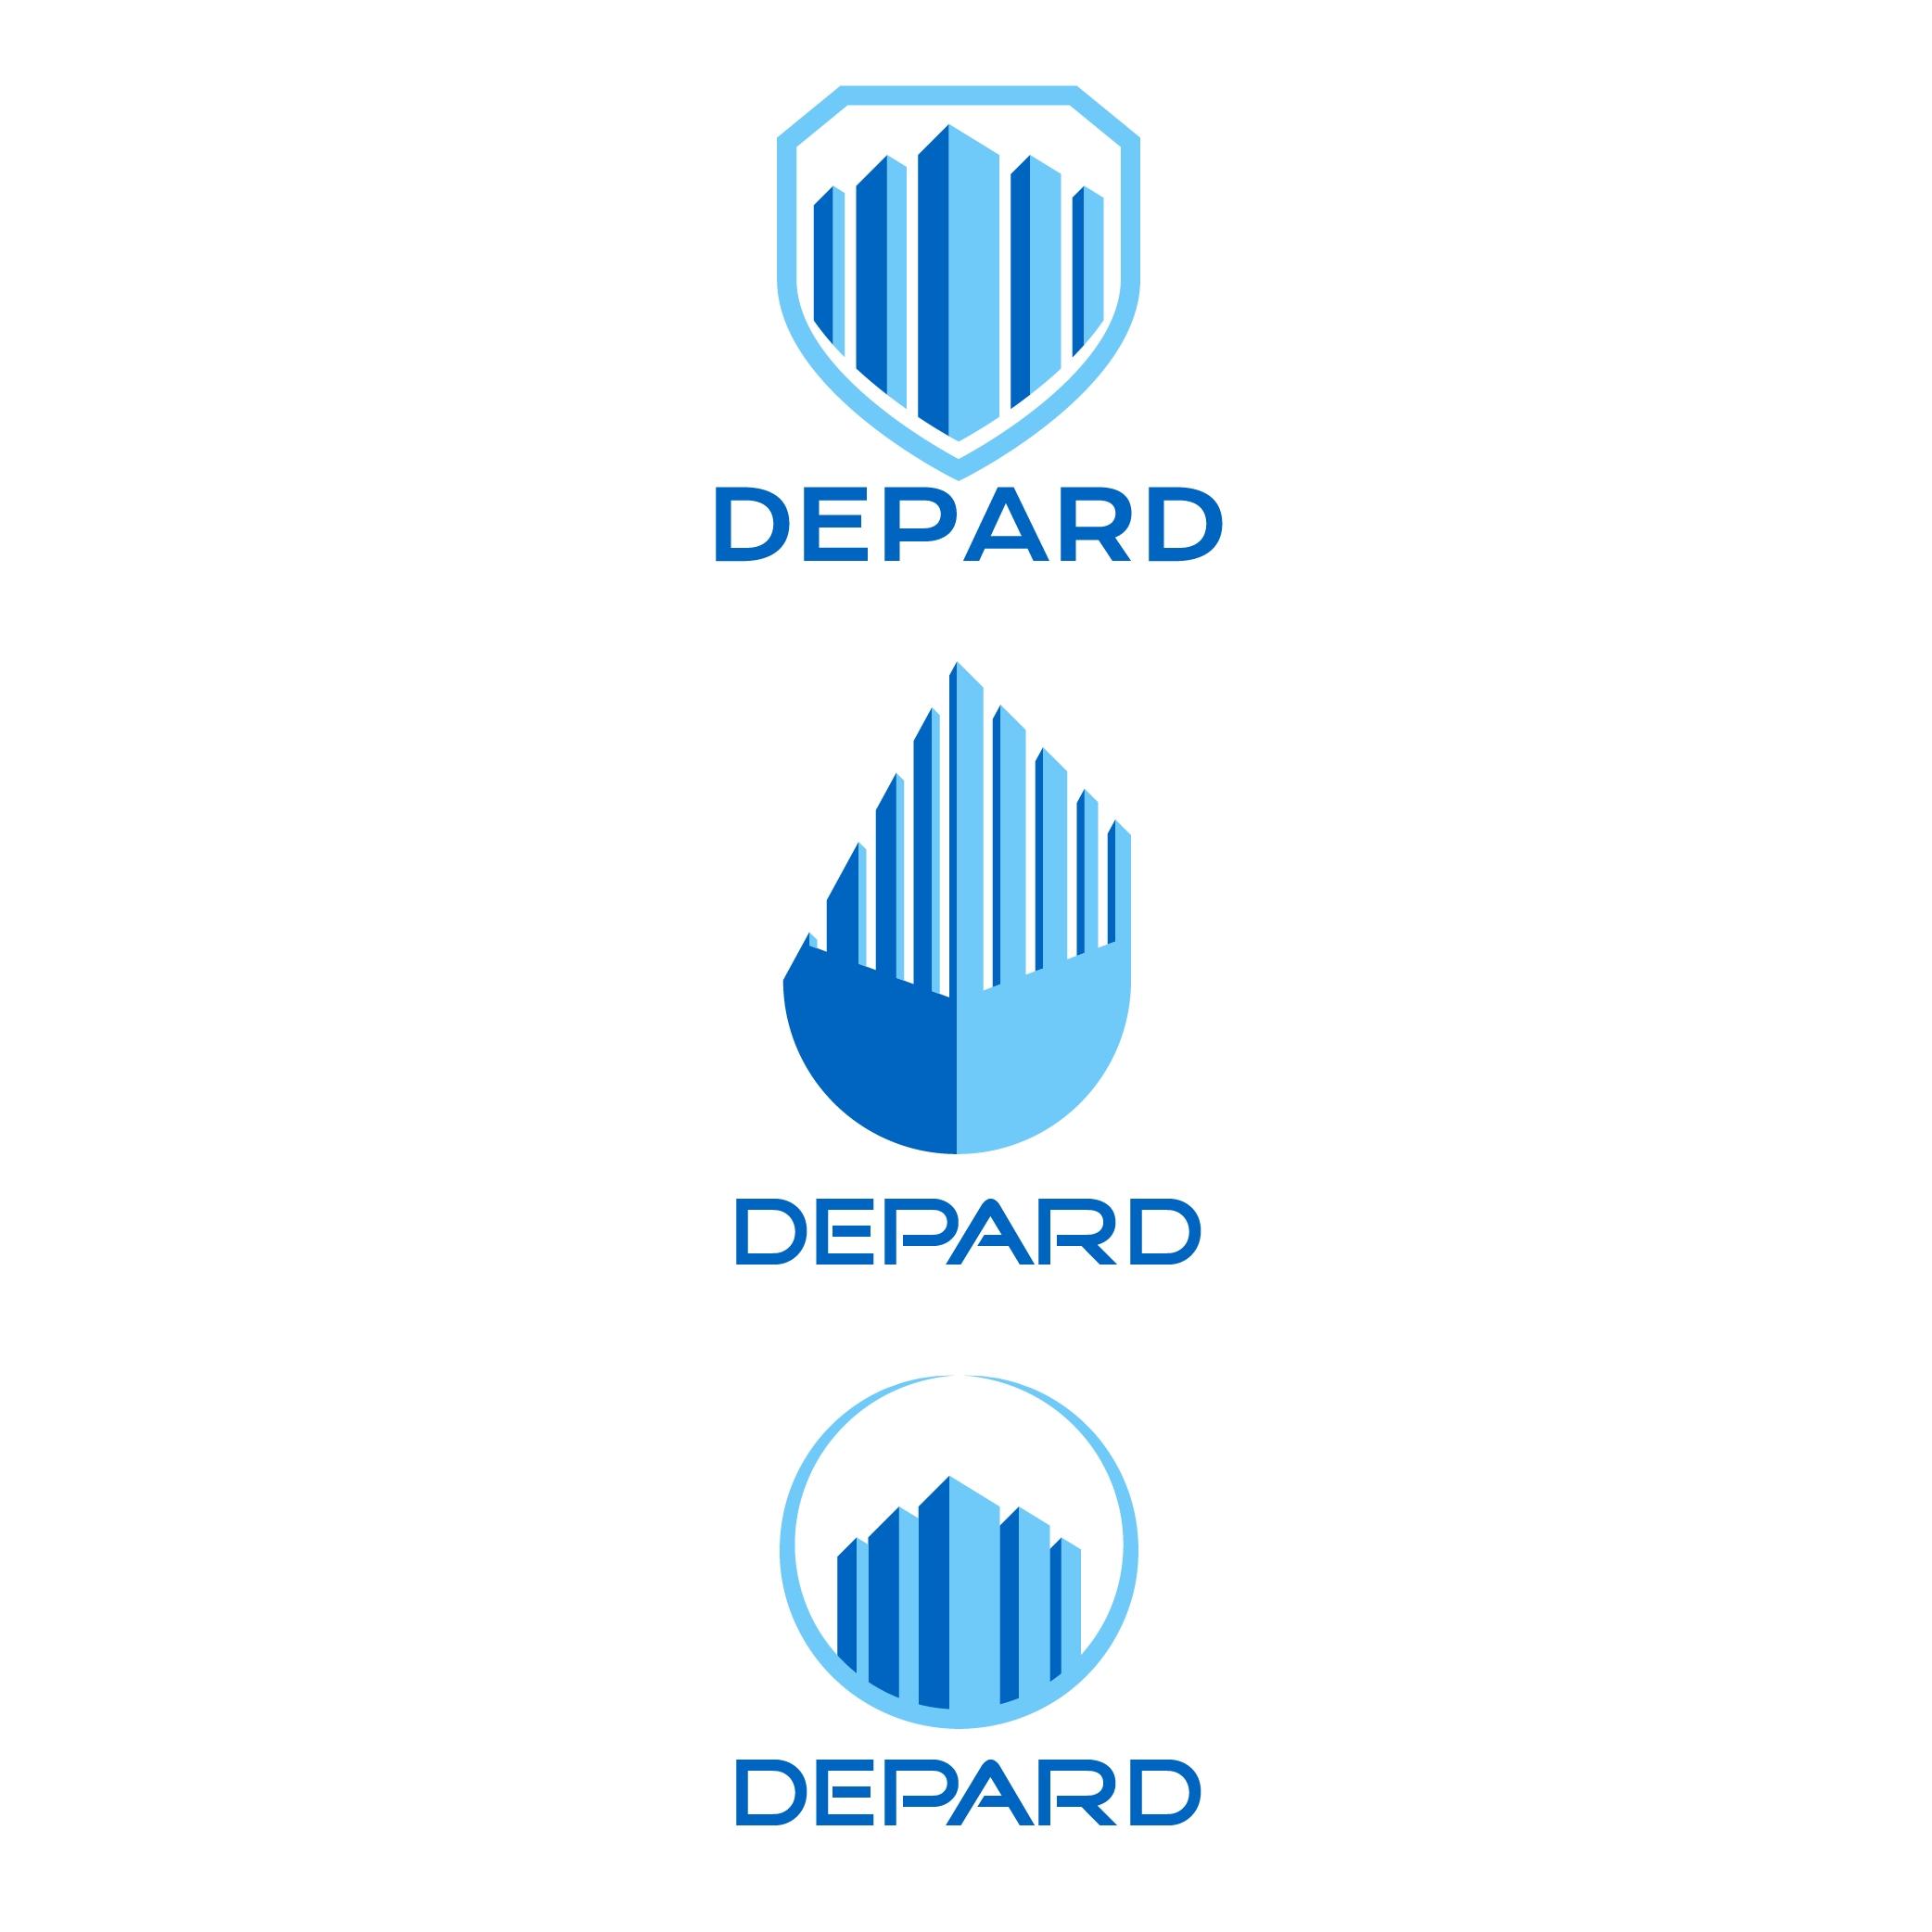 Логотип для компании (услуги недвижимость) фото f_0195934662cbb529.jpg